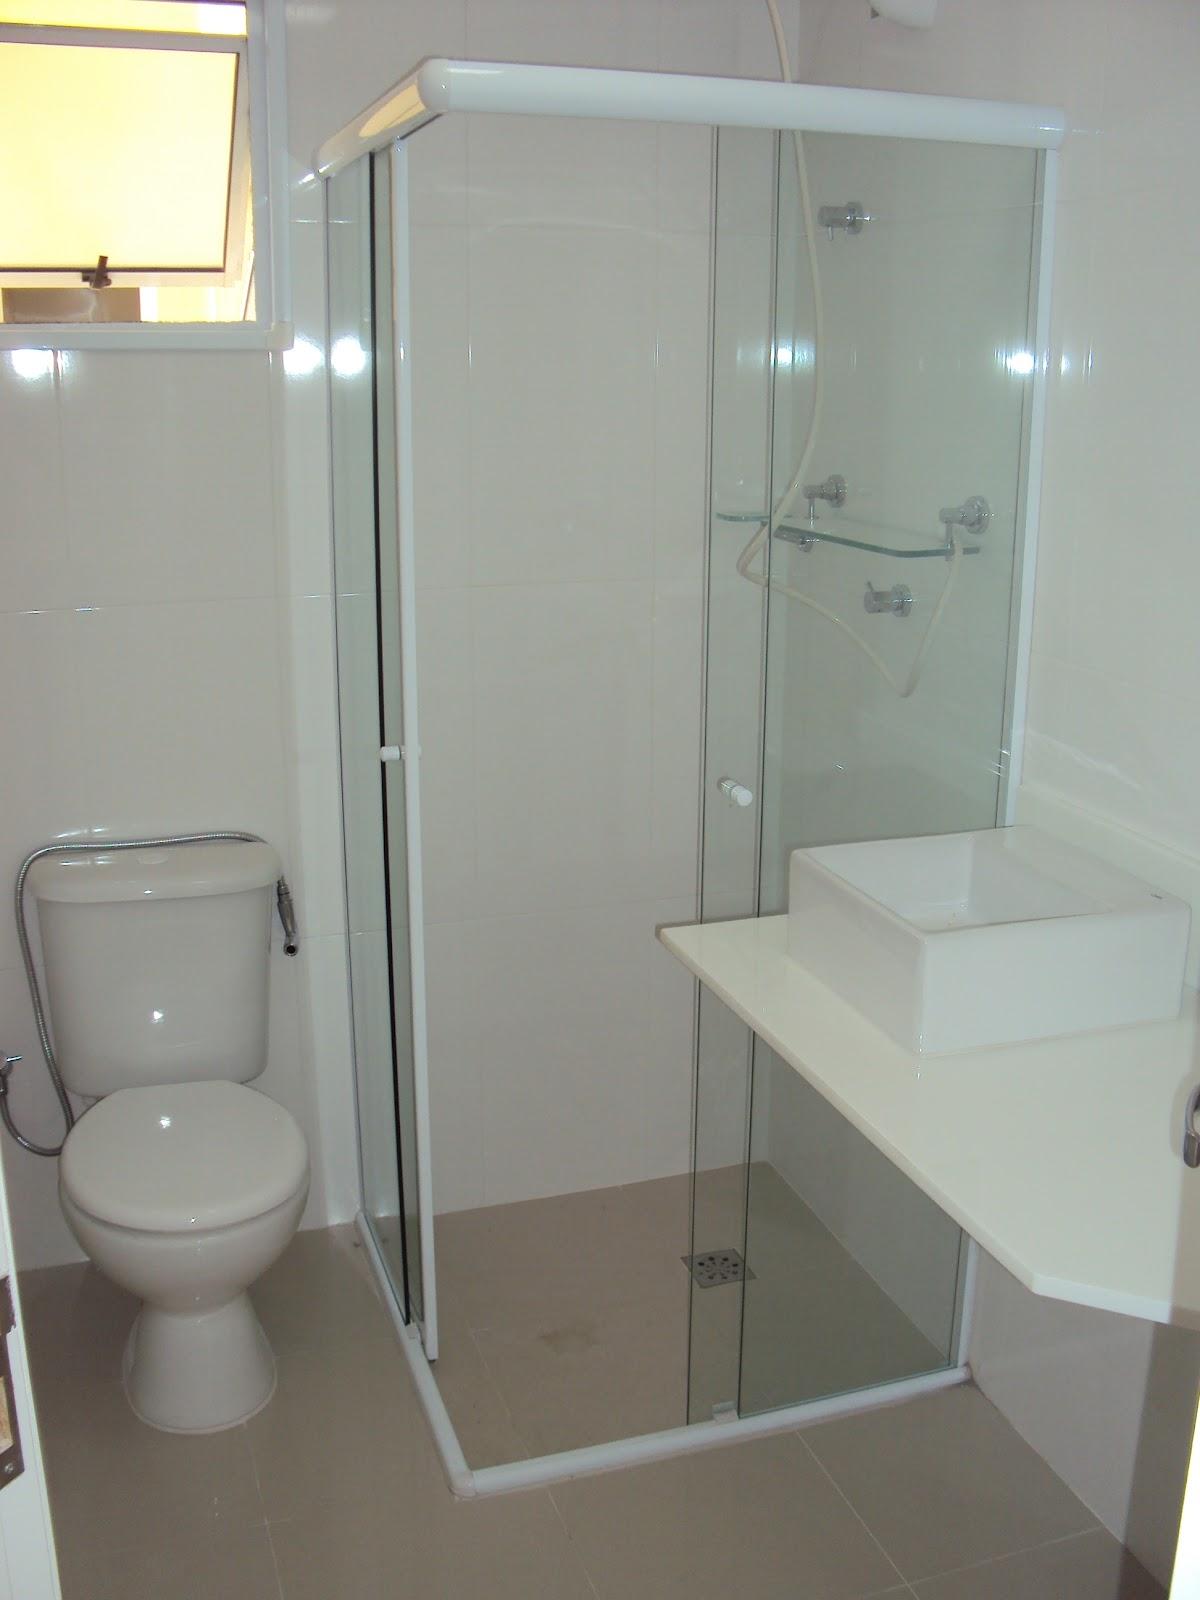 Imagens de #776854 Banheiro com a pia e o box 1200x1600 px 3104 Box Banheiro Aluminio